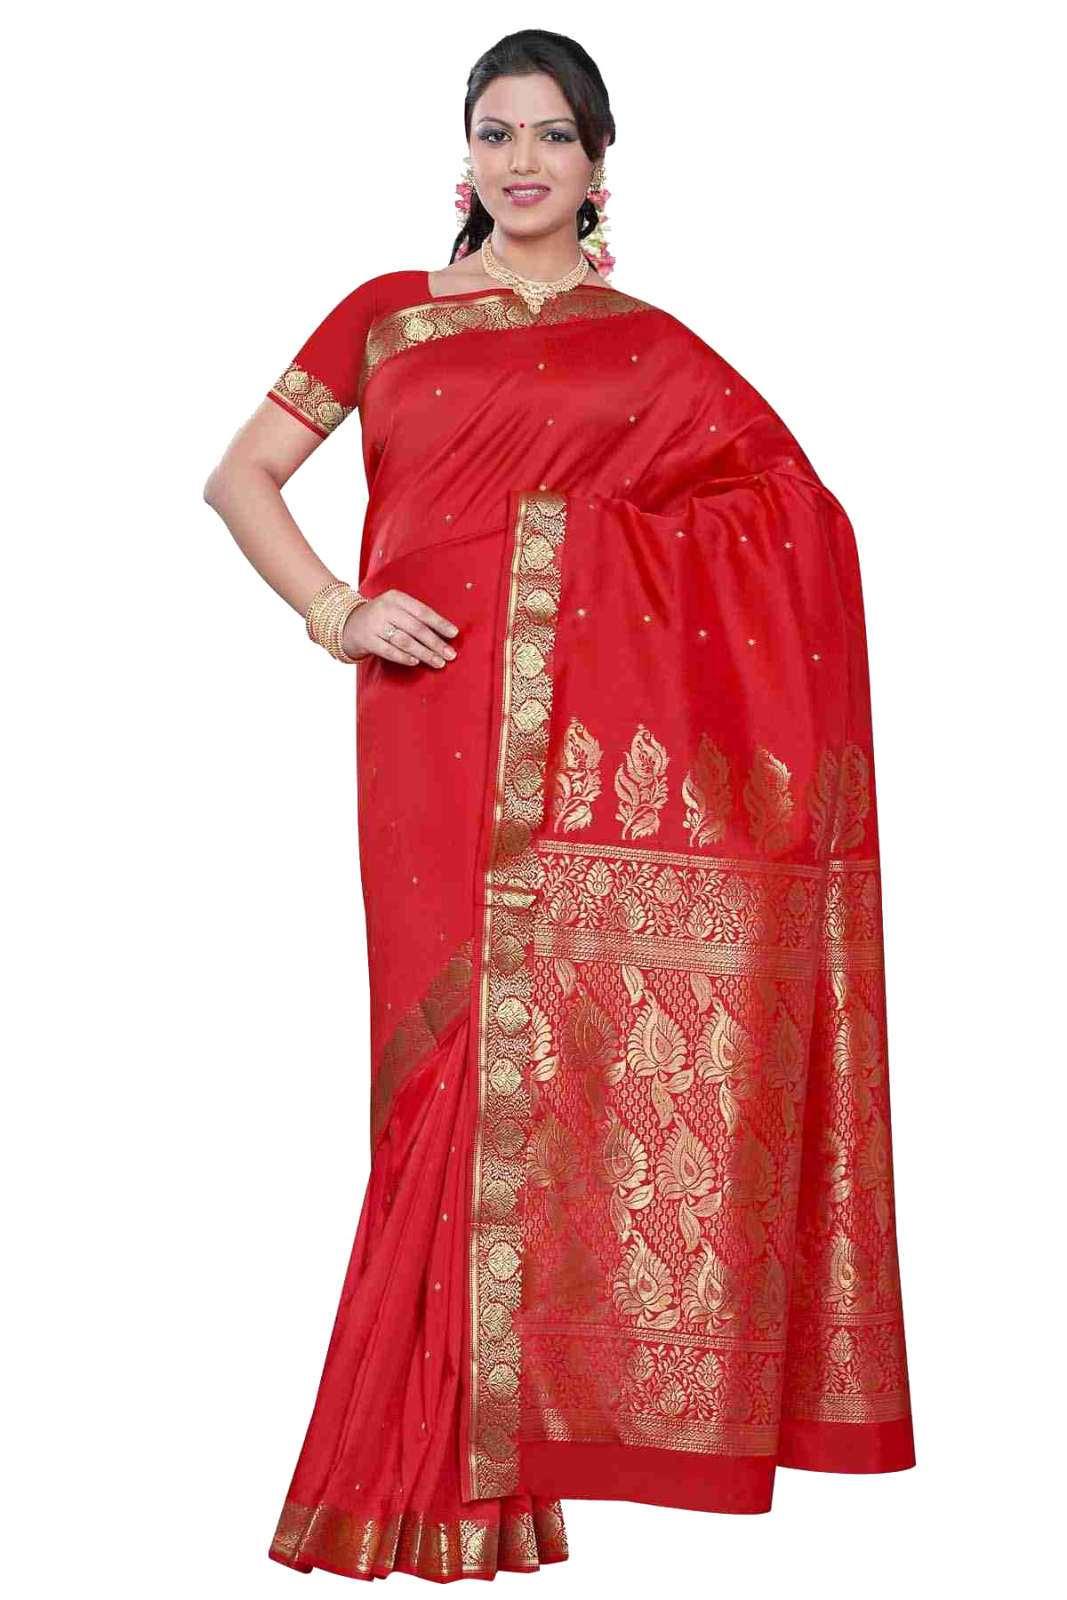 Spicy red -  Benares Art Silk Sari  SareeBellydance Fabric (India)